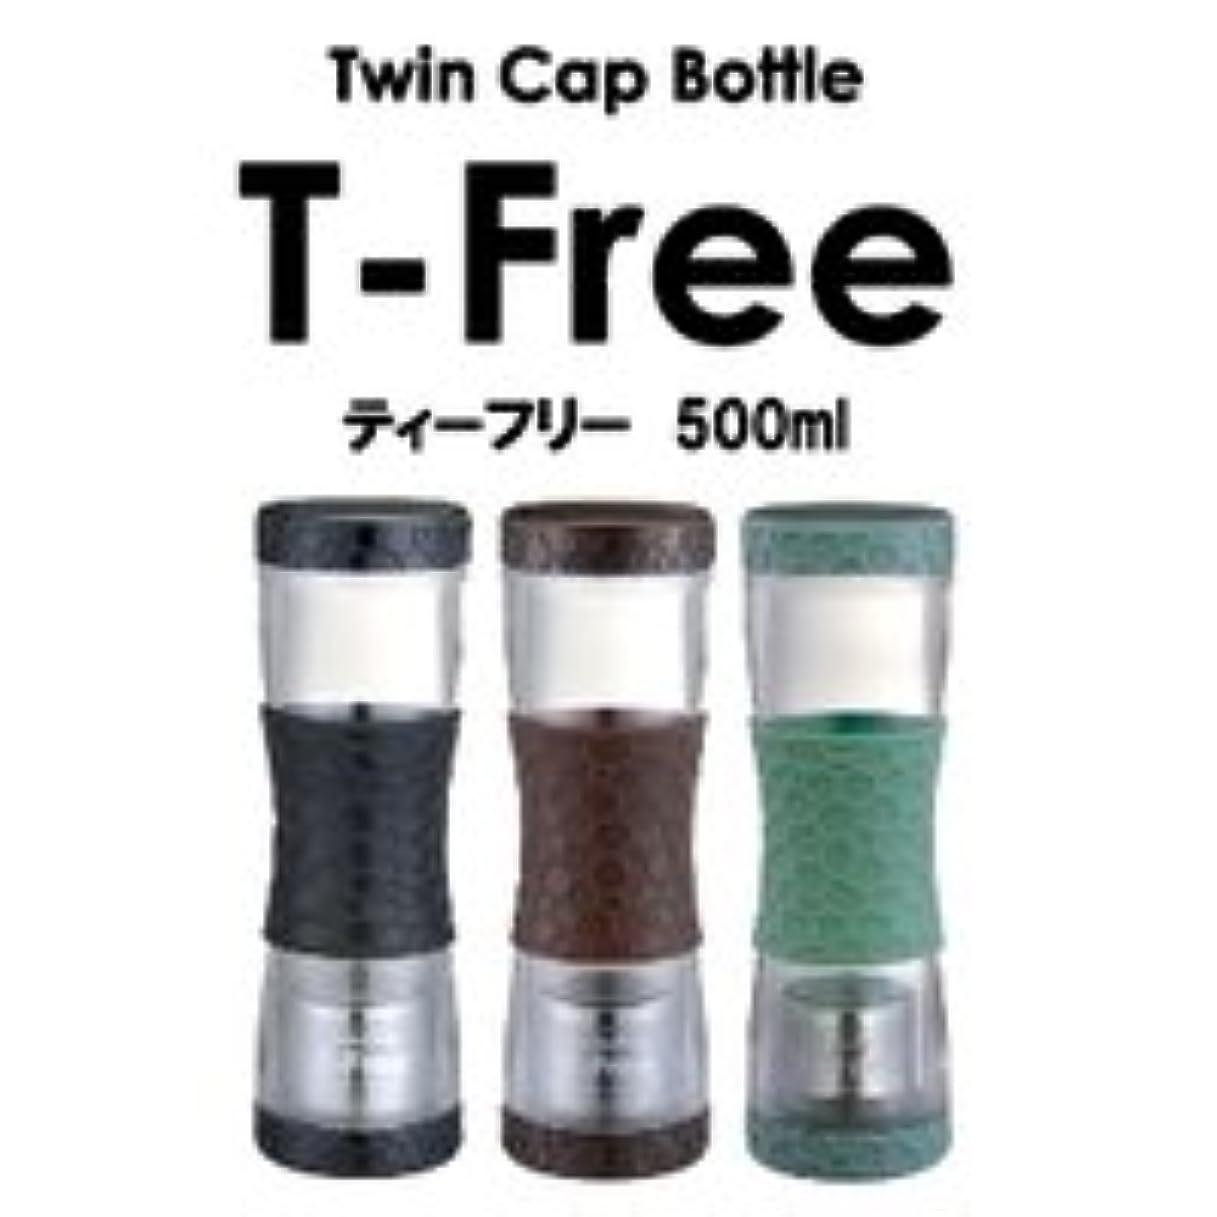 純粋な哺乳類最大ティーフリー500ml T-Free (カラー:グリーン) ※使い方自由なツインキャップボトル